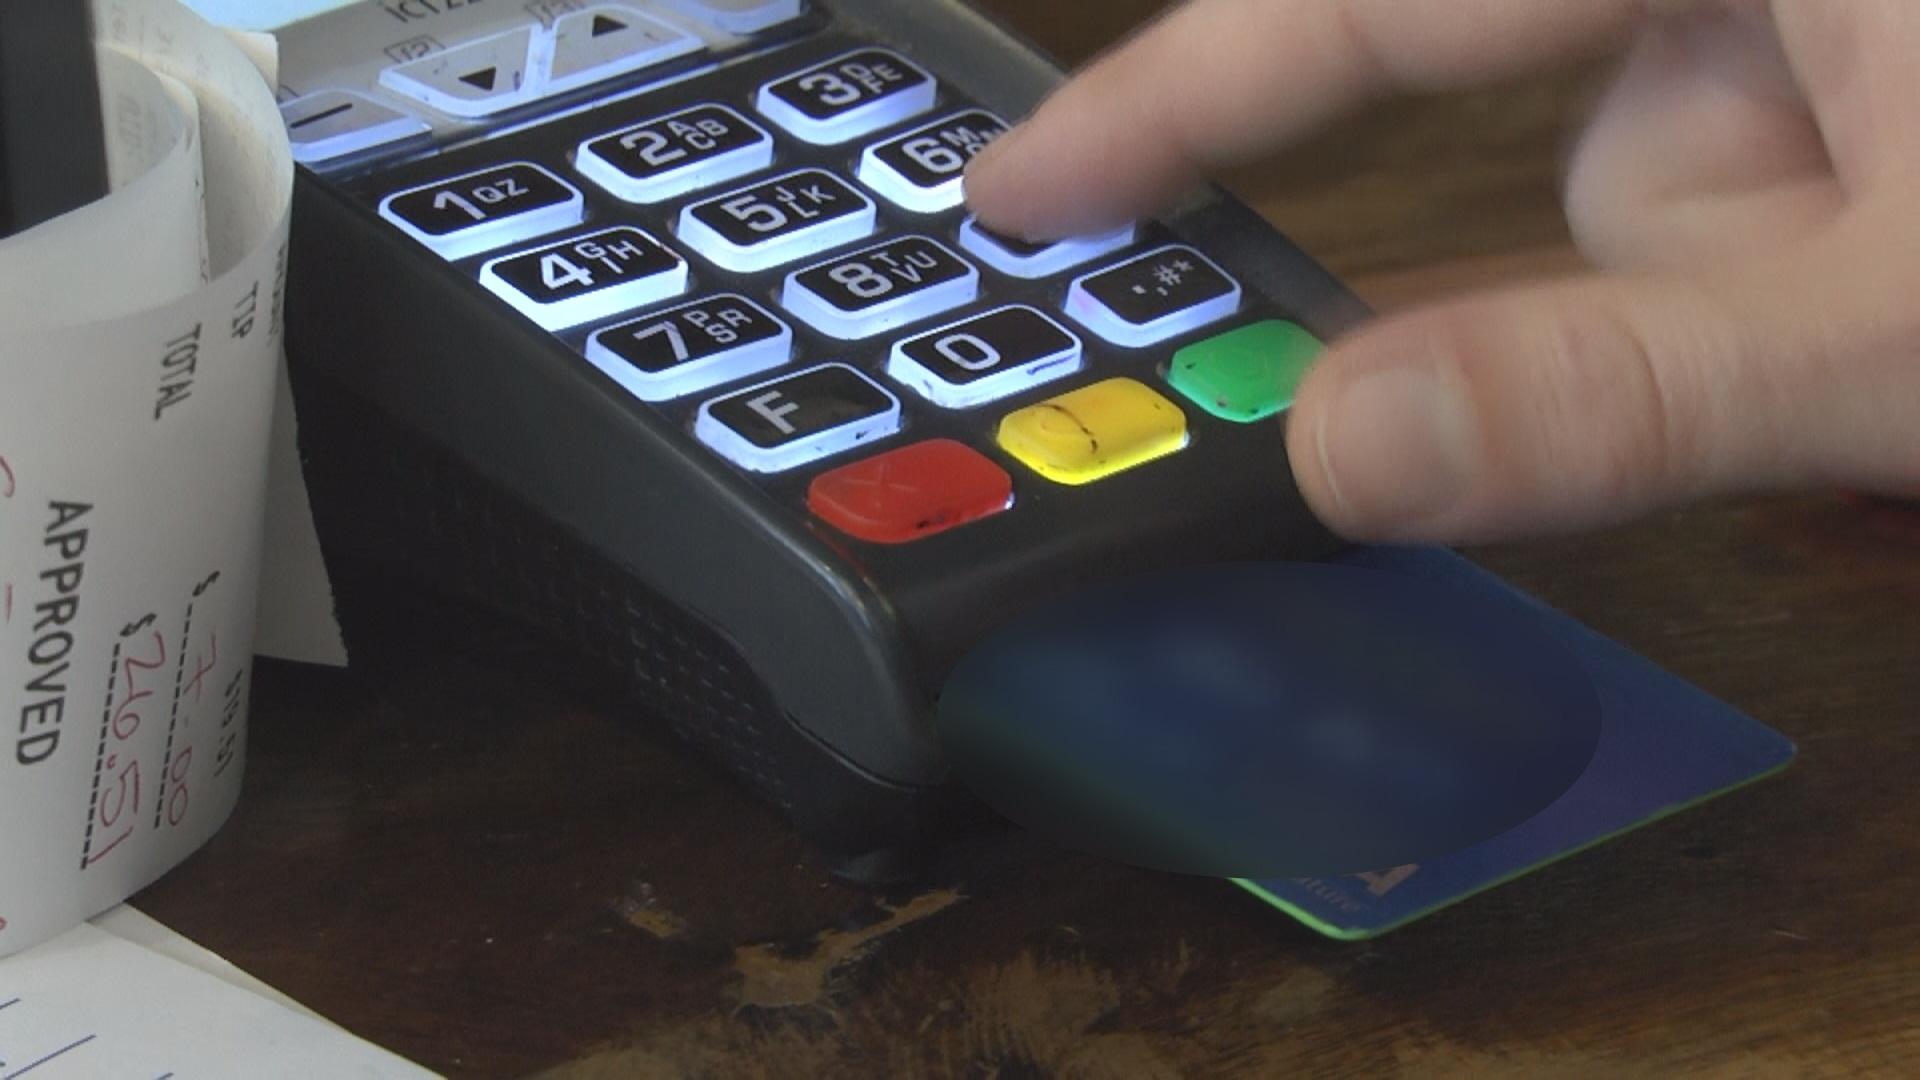 debit vs credit card pic_165222